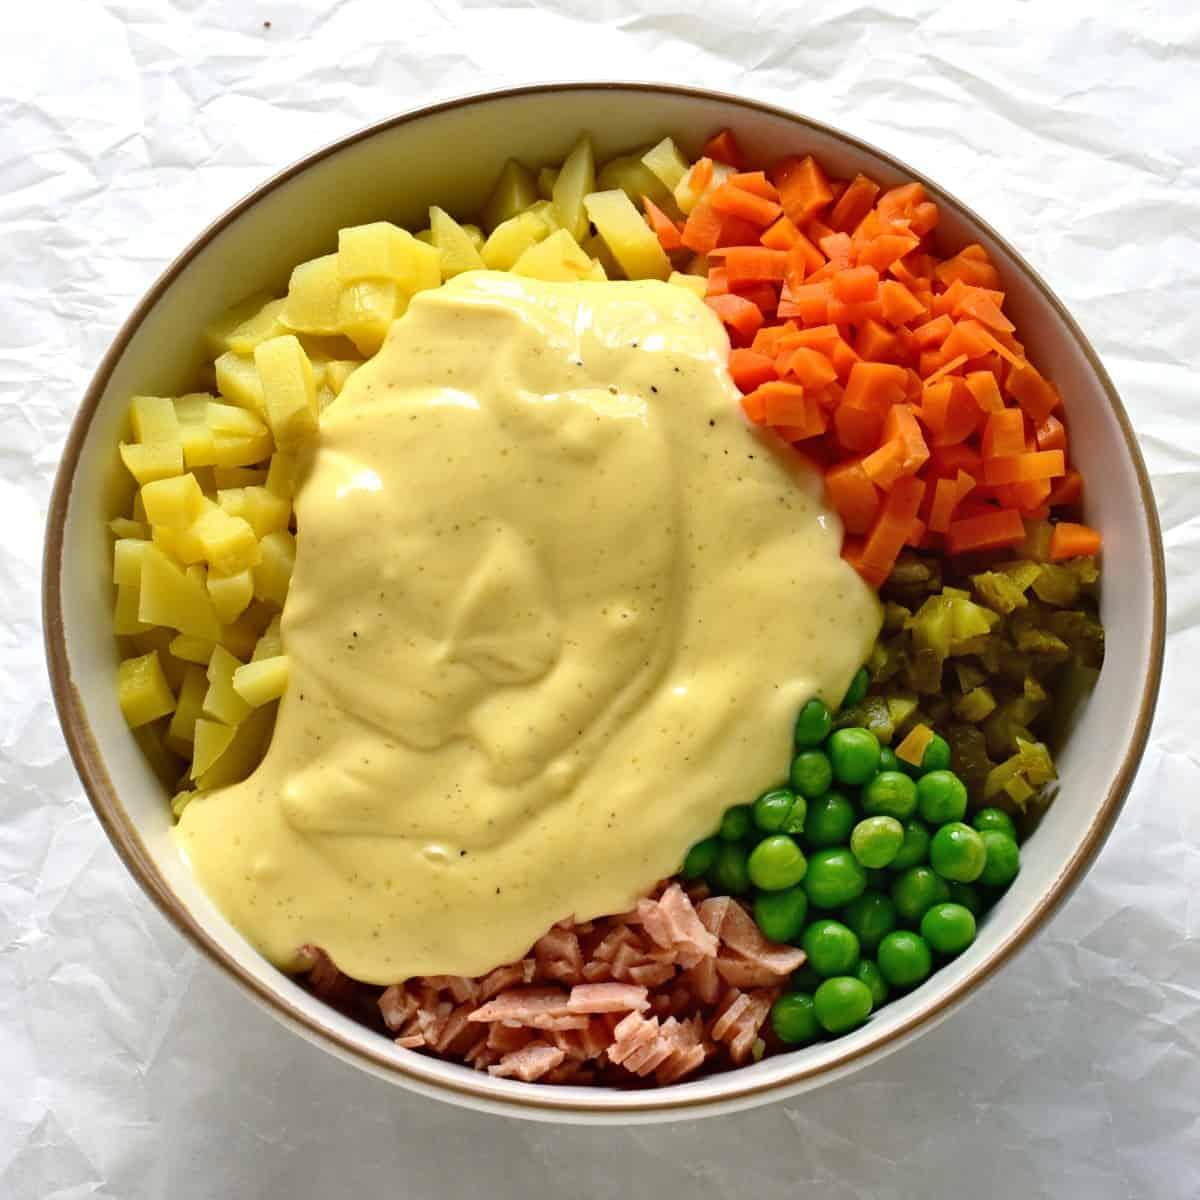 czech mayo deli salad - vlašský salát preparation